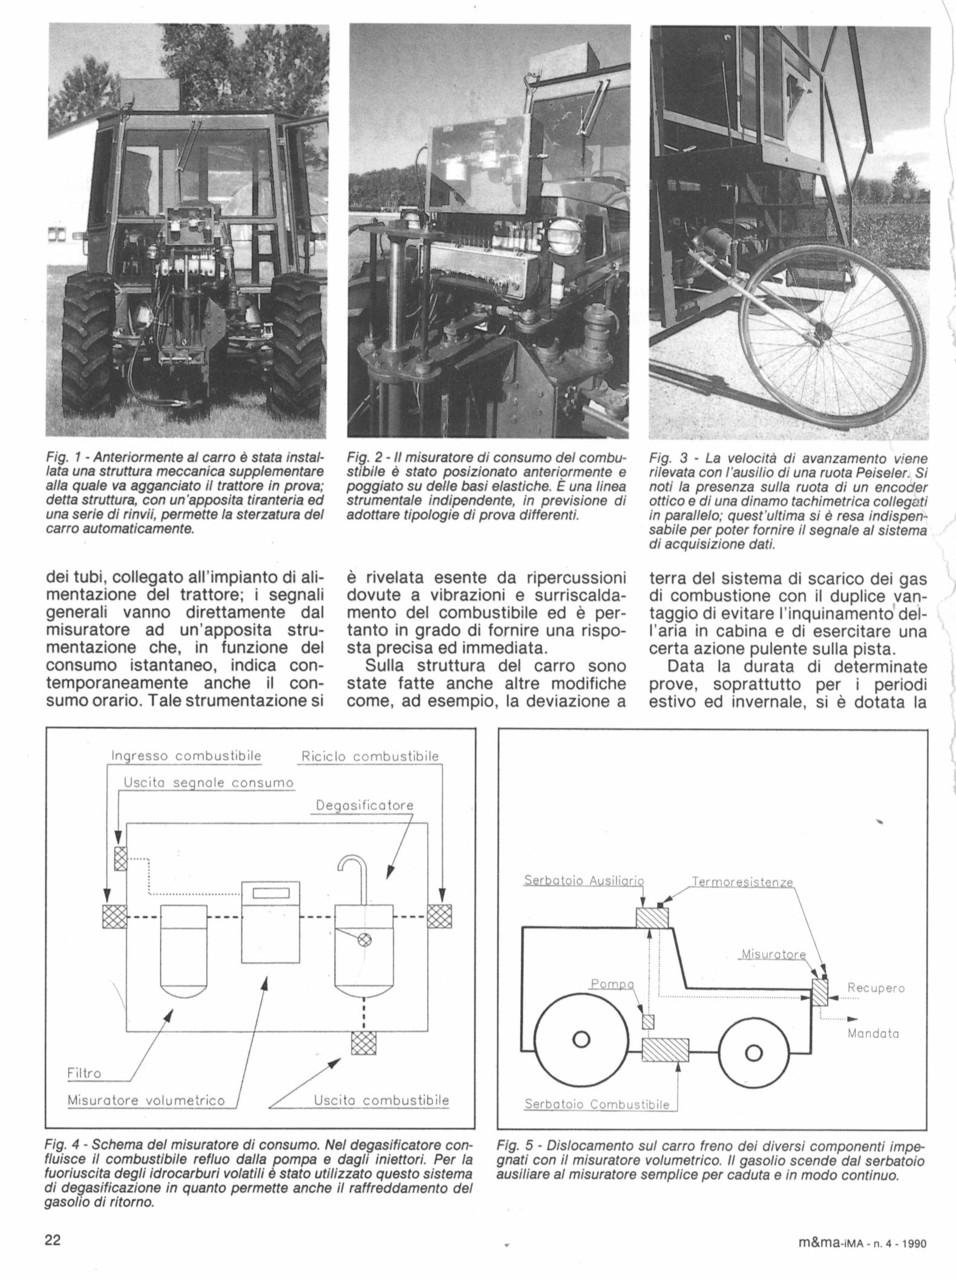 Attrezzature,strumentazione e software per prove trattori